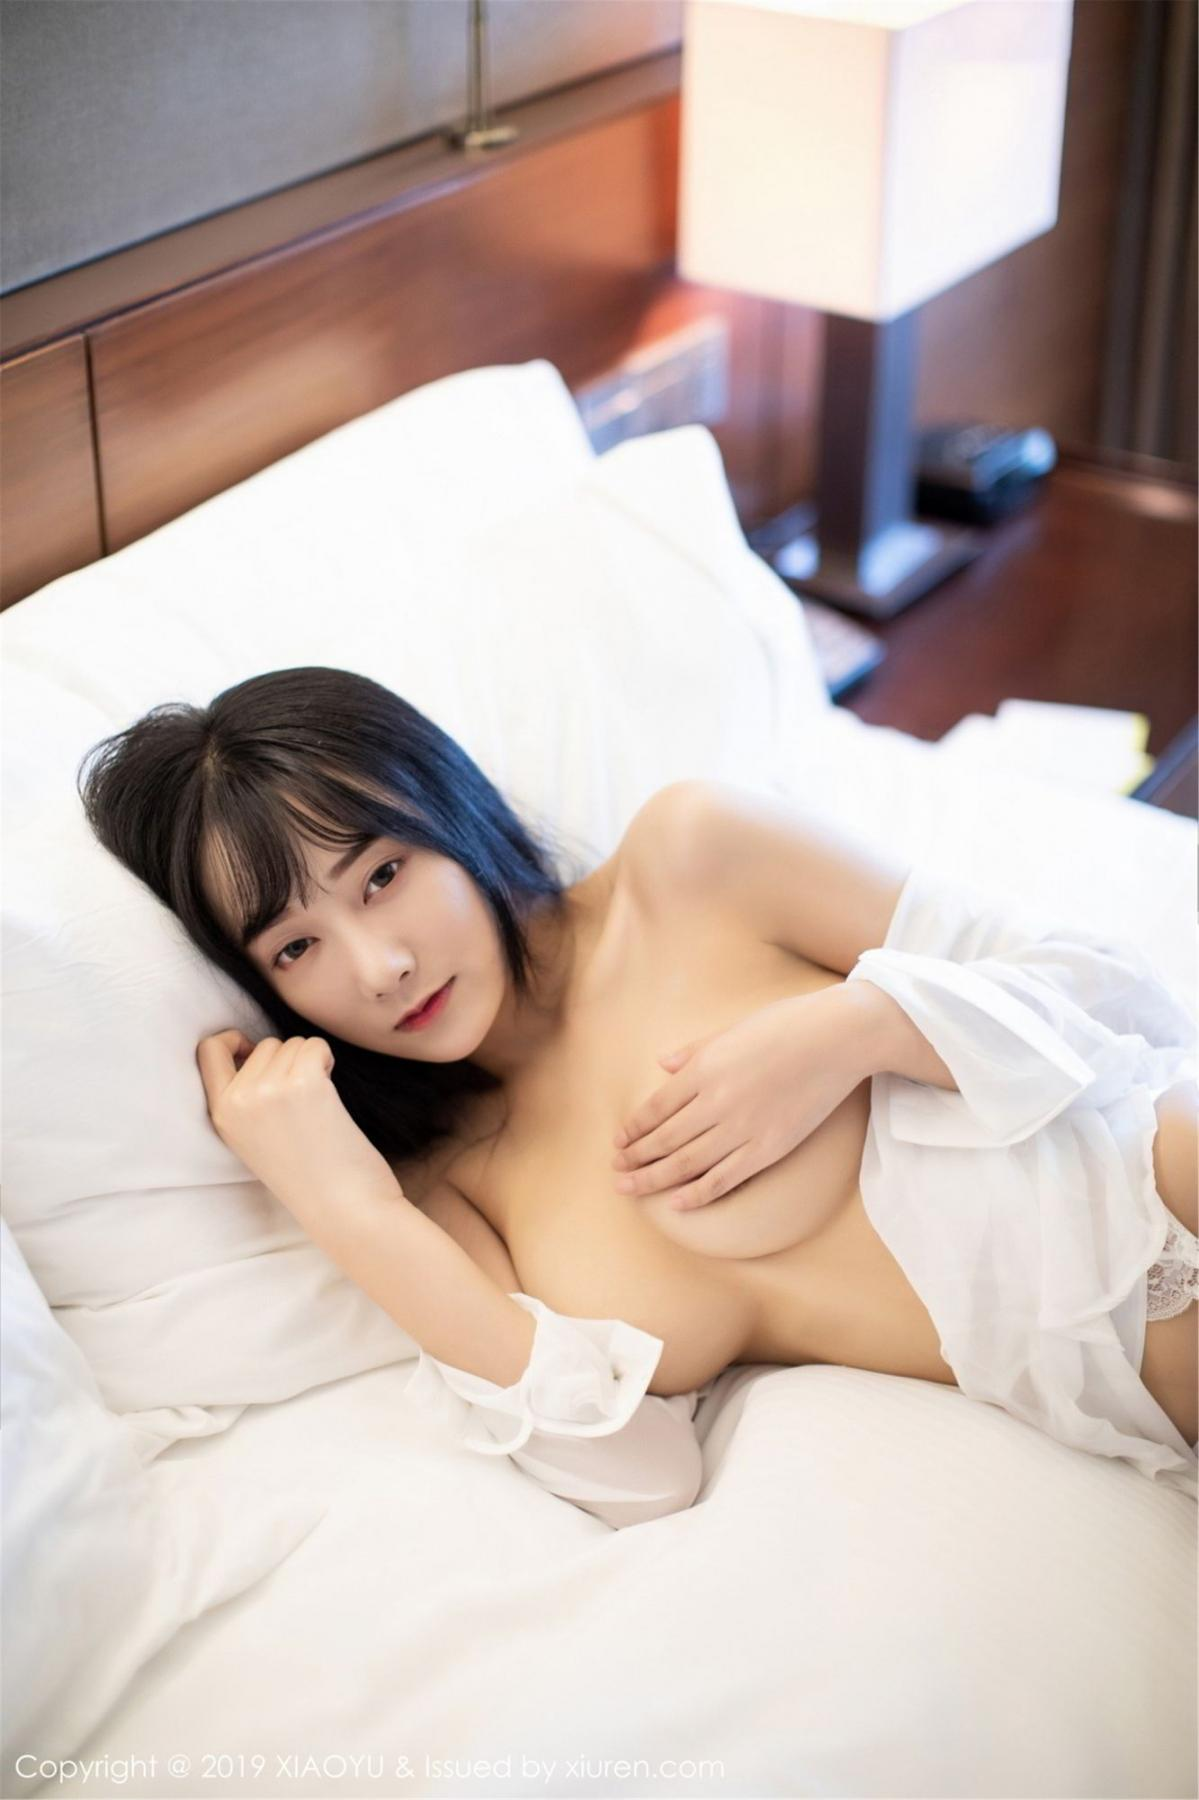 [XiaoYu] Vol.076 He Jia Ying 49P, He Jia Ying, Underwear, XiaoYu